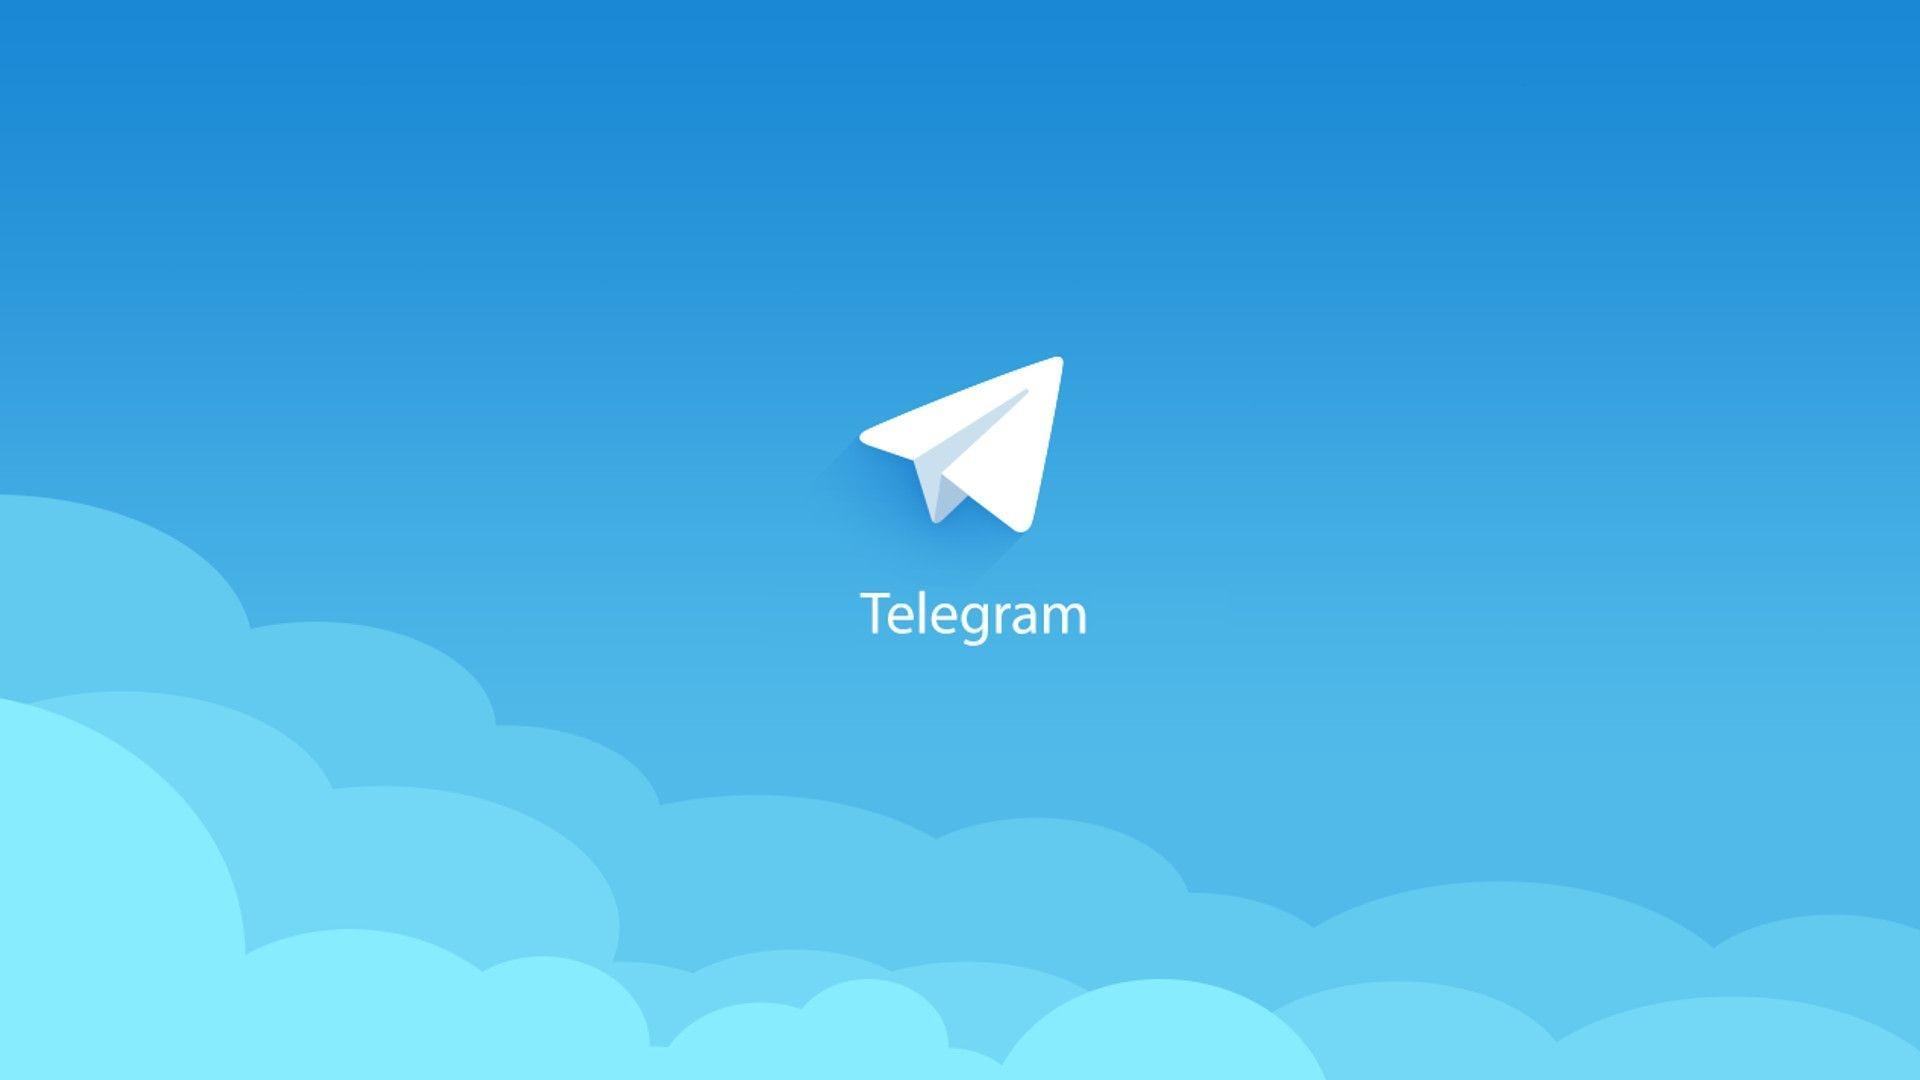 70 млн регистраций за 6 часов  Telegram выиграл от сбоя в работе Facebook, Instagram и WhatsApp